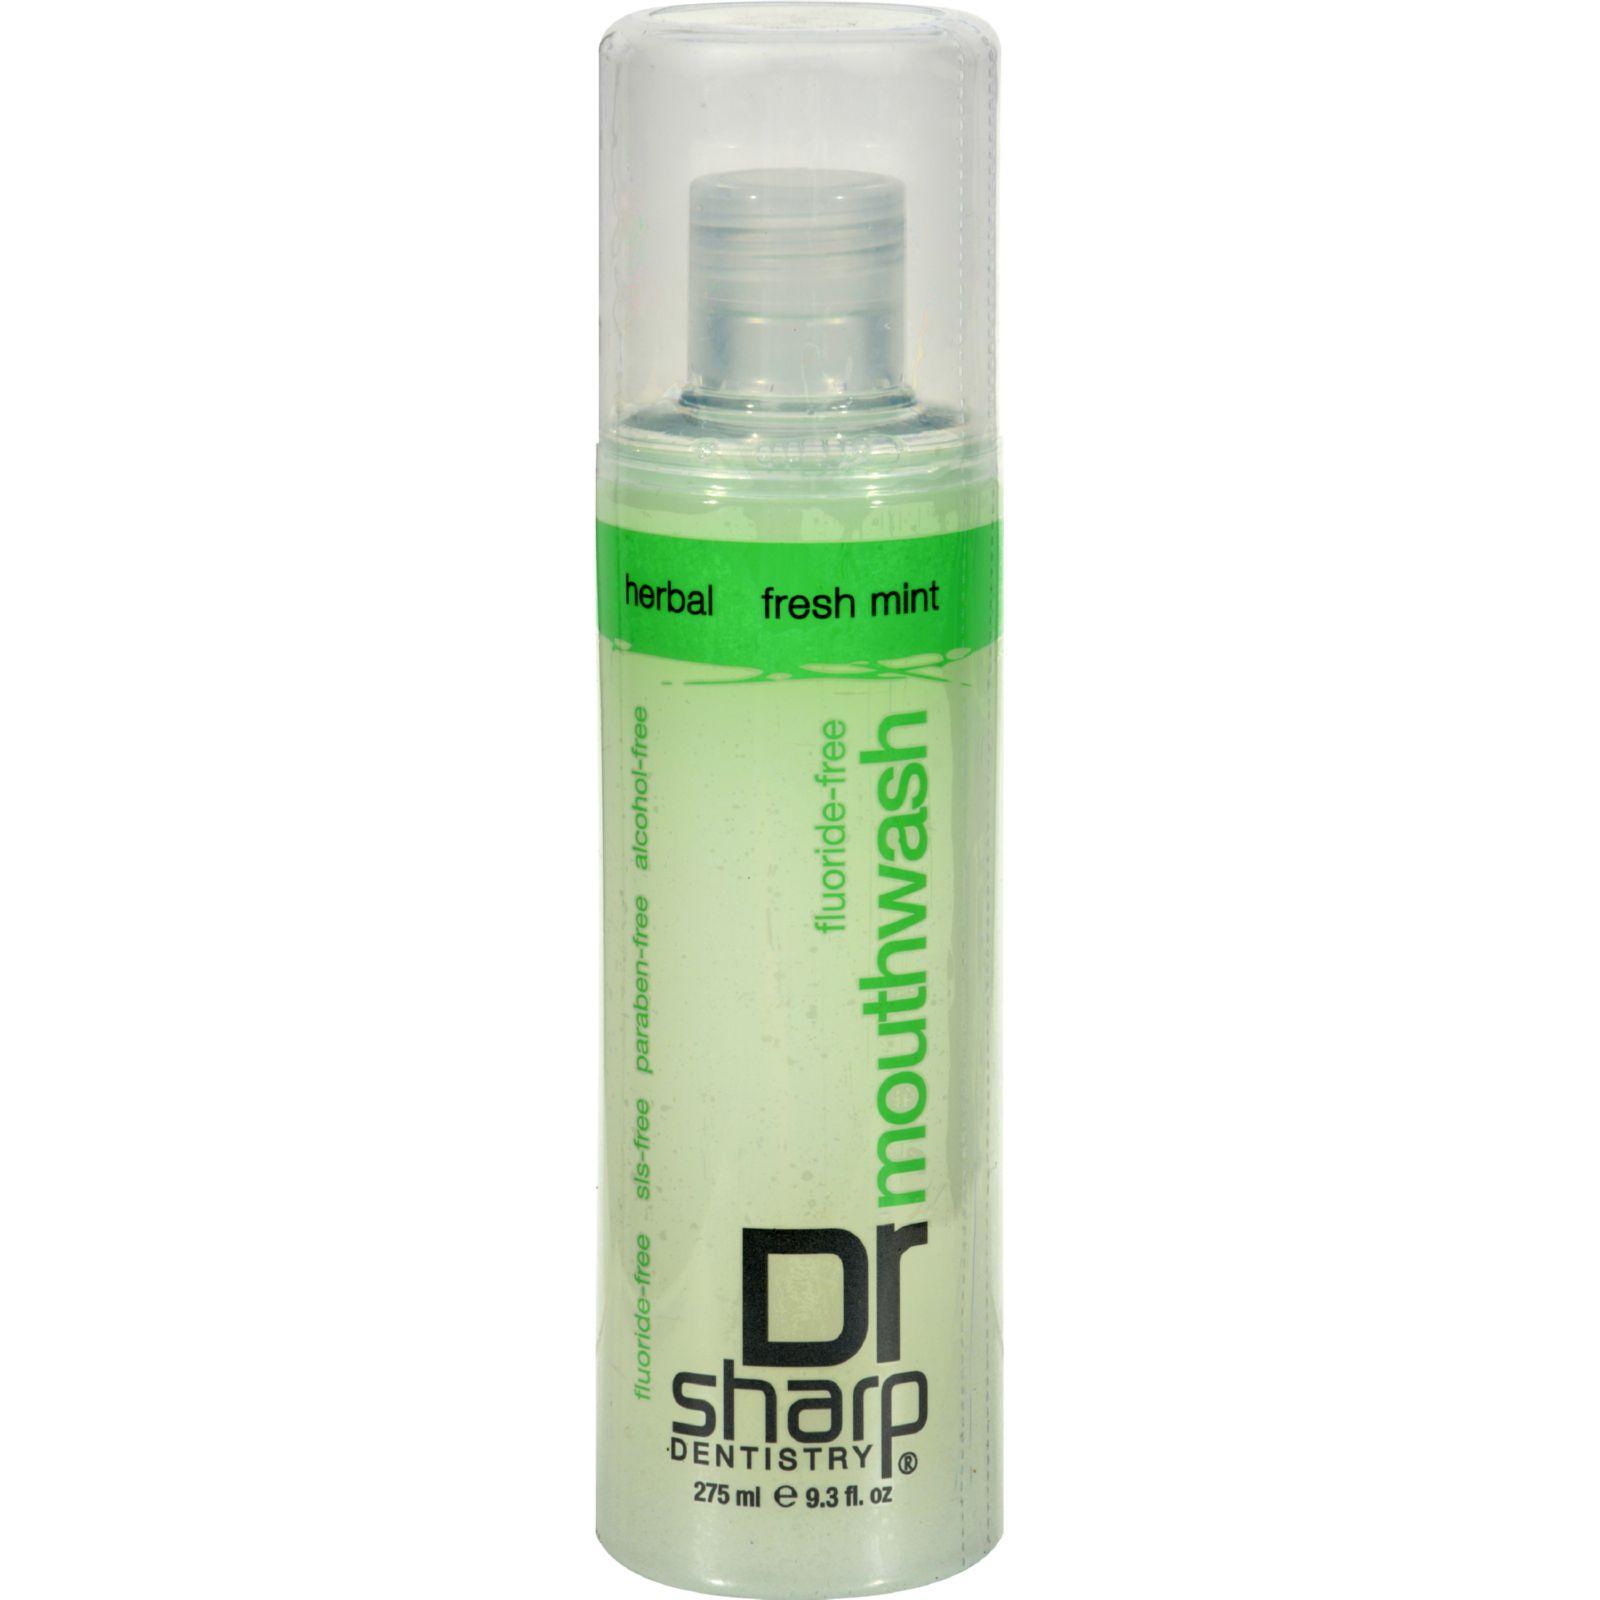 Dr. Sharp Natural Oral Care Mouthwash - Fresh Mint - 9.3 oz